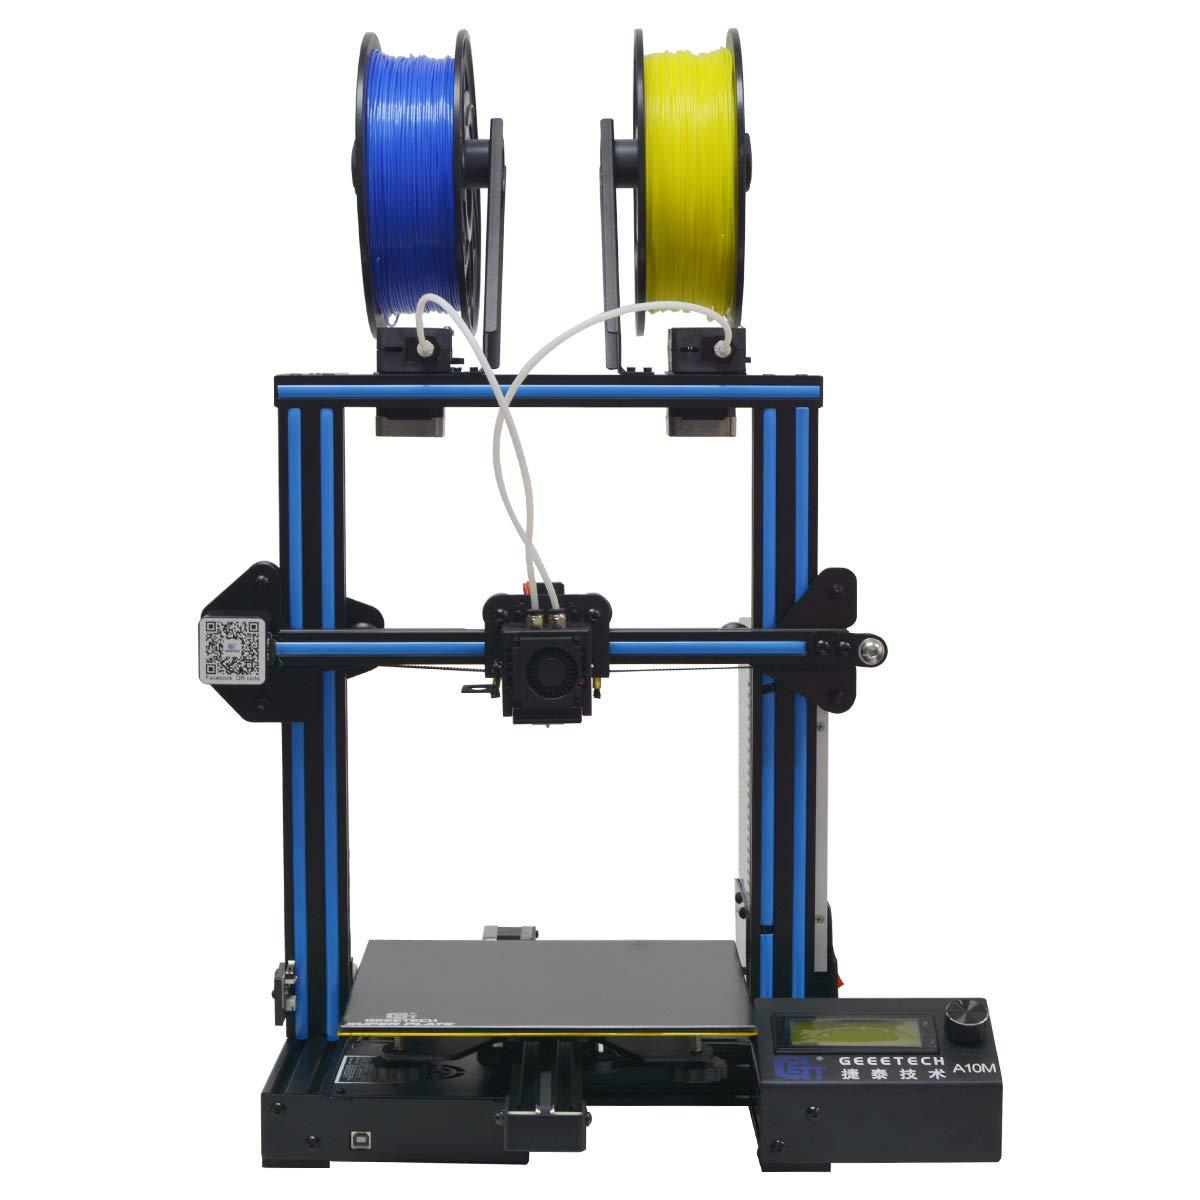 GIANTARM geeetech Imprimante 3D A10M avec Impression Multi-Couleurs, Taille d'impression 220 * 220 * 260mm³